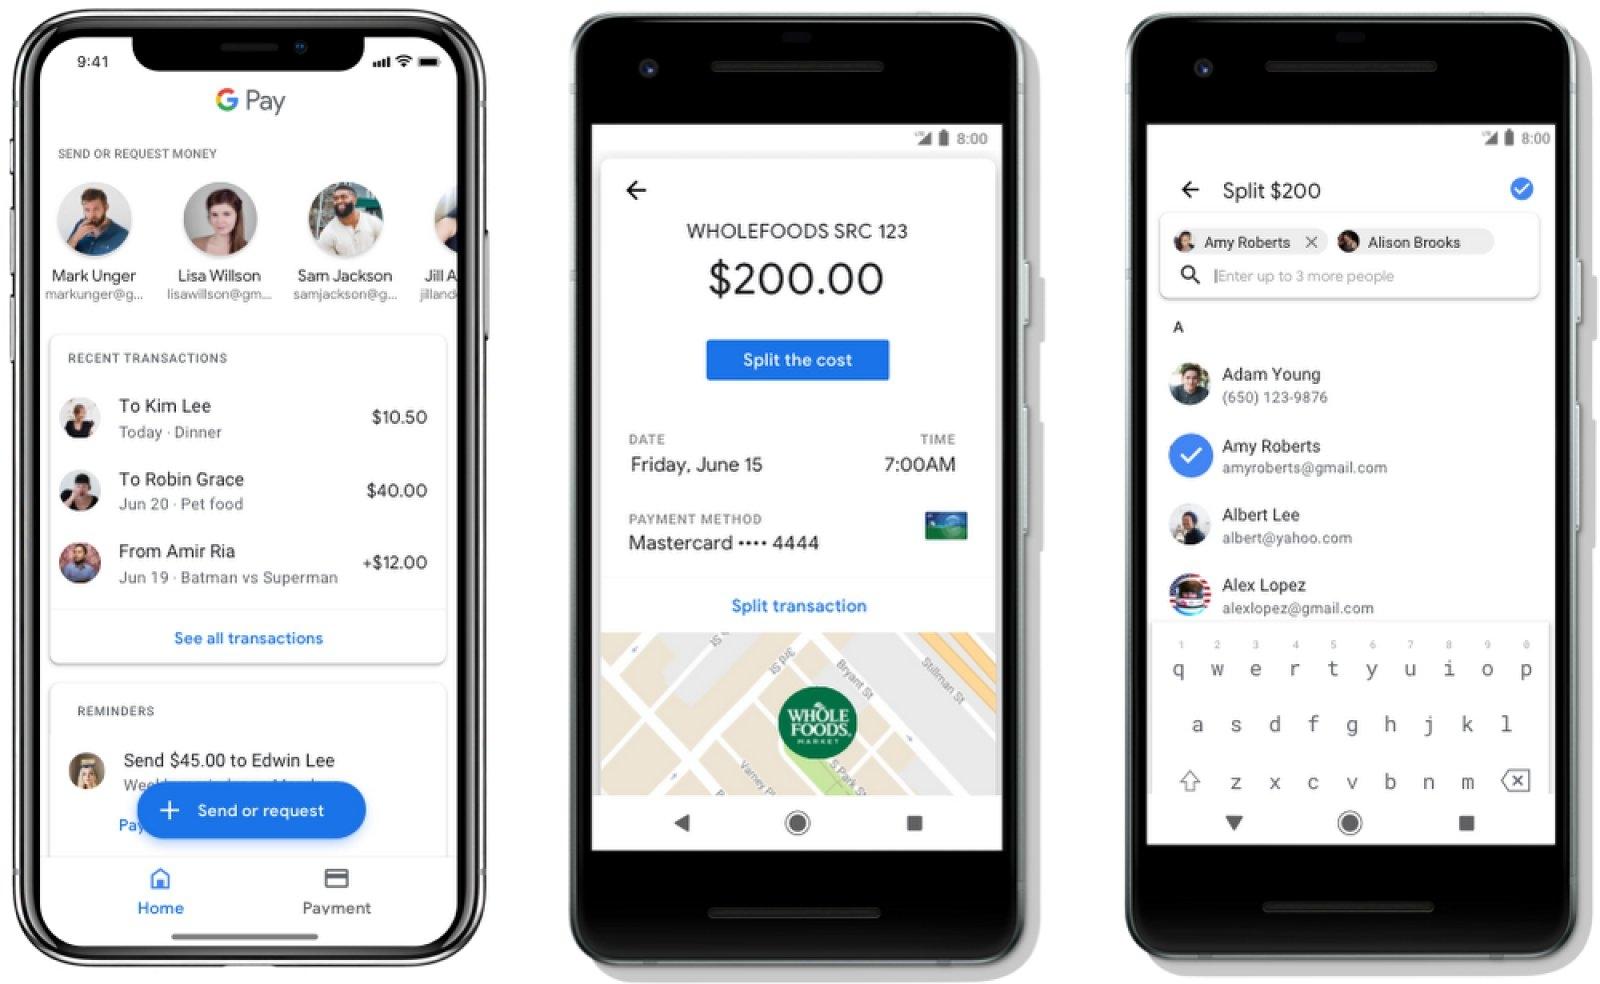 Пользователи Google Pay смогут делить счет на пятерых в ресторанах